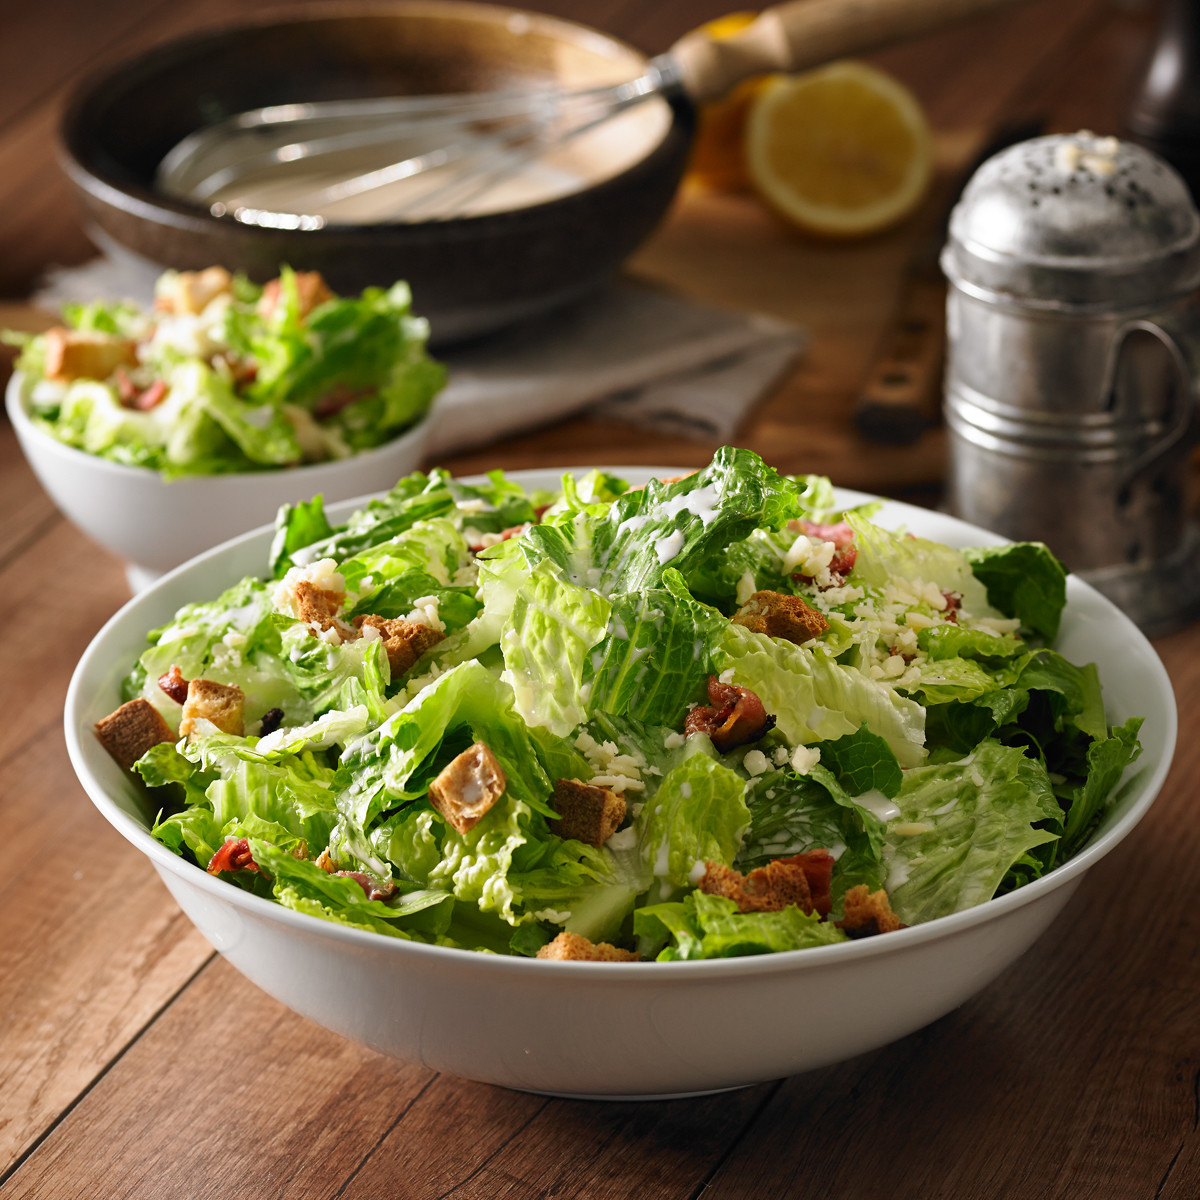 Caesar Salad - Serves 8 People